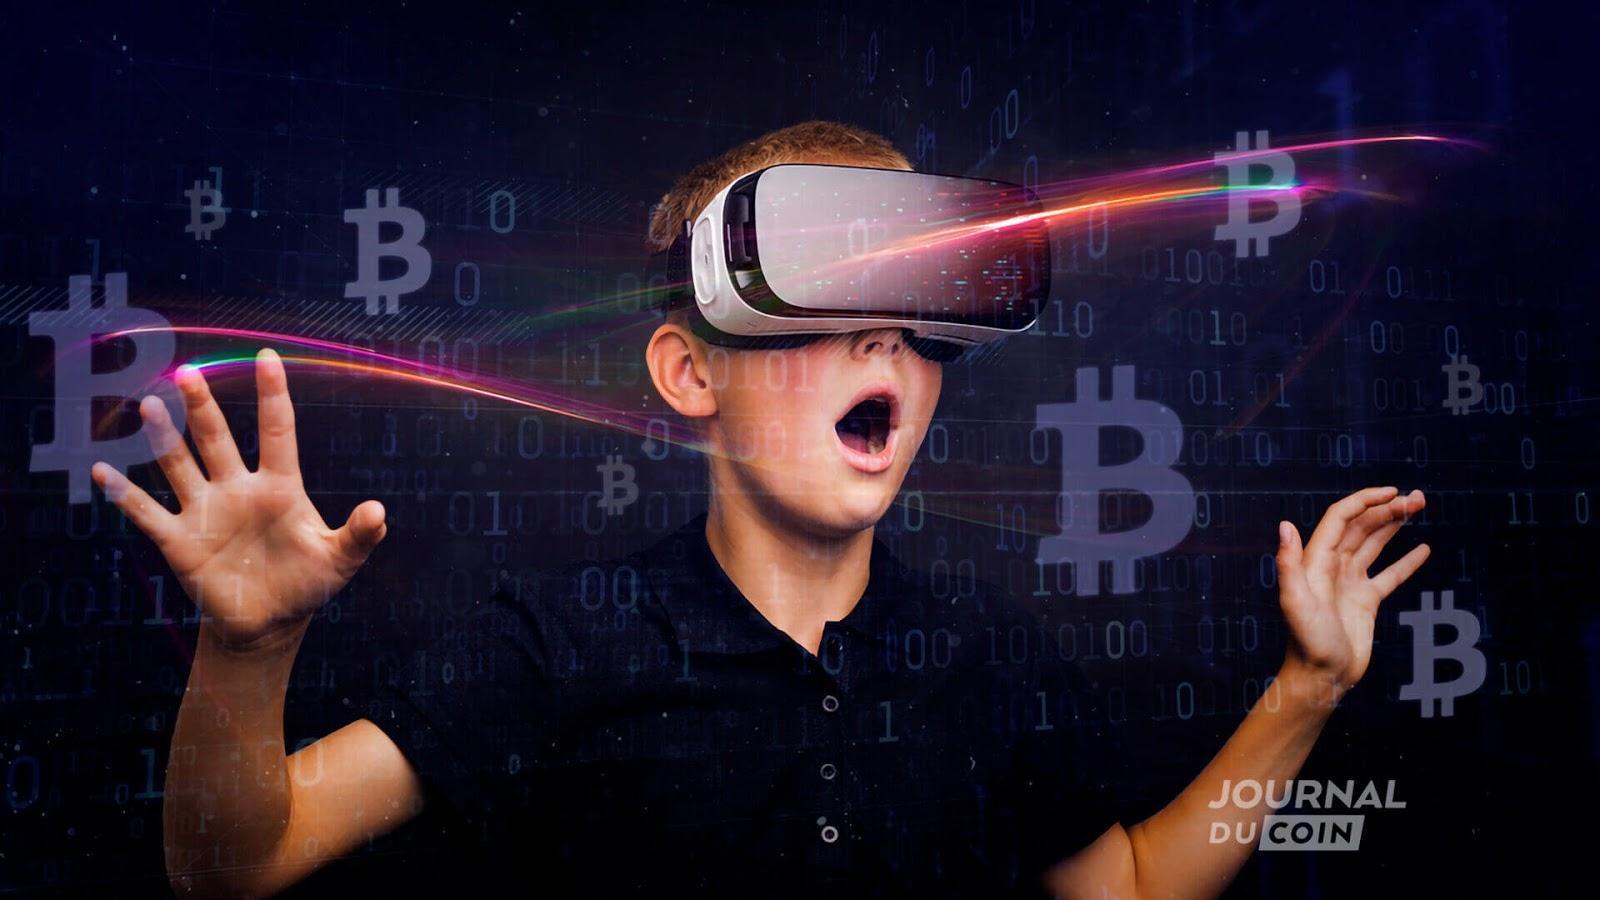 Une réalité augmentée à explorer à travers l'application OVR